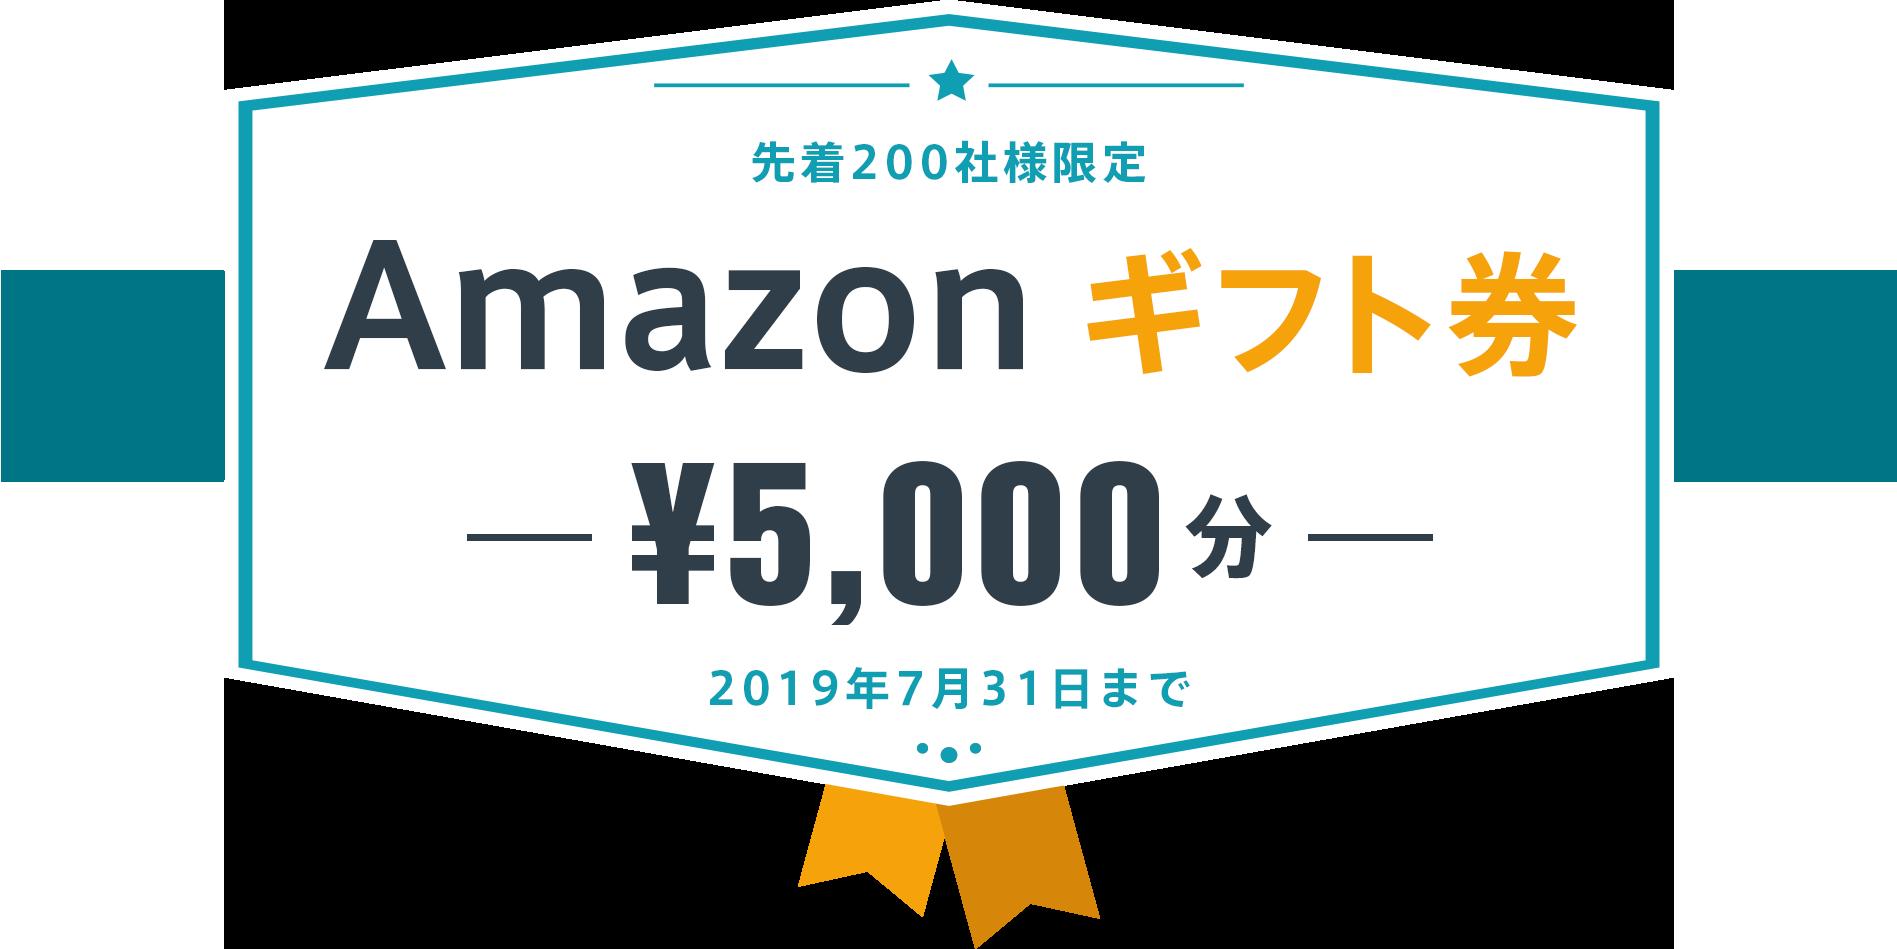 先着200名様限定 Amazon ギフト券 ¥5,000分 2019年7月31日まで